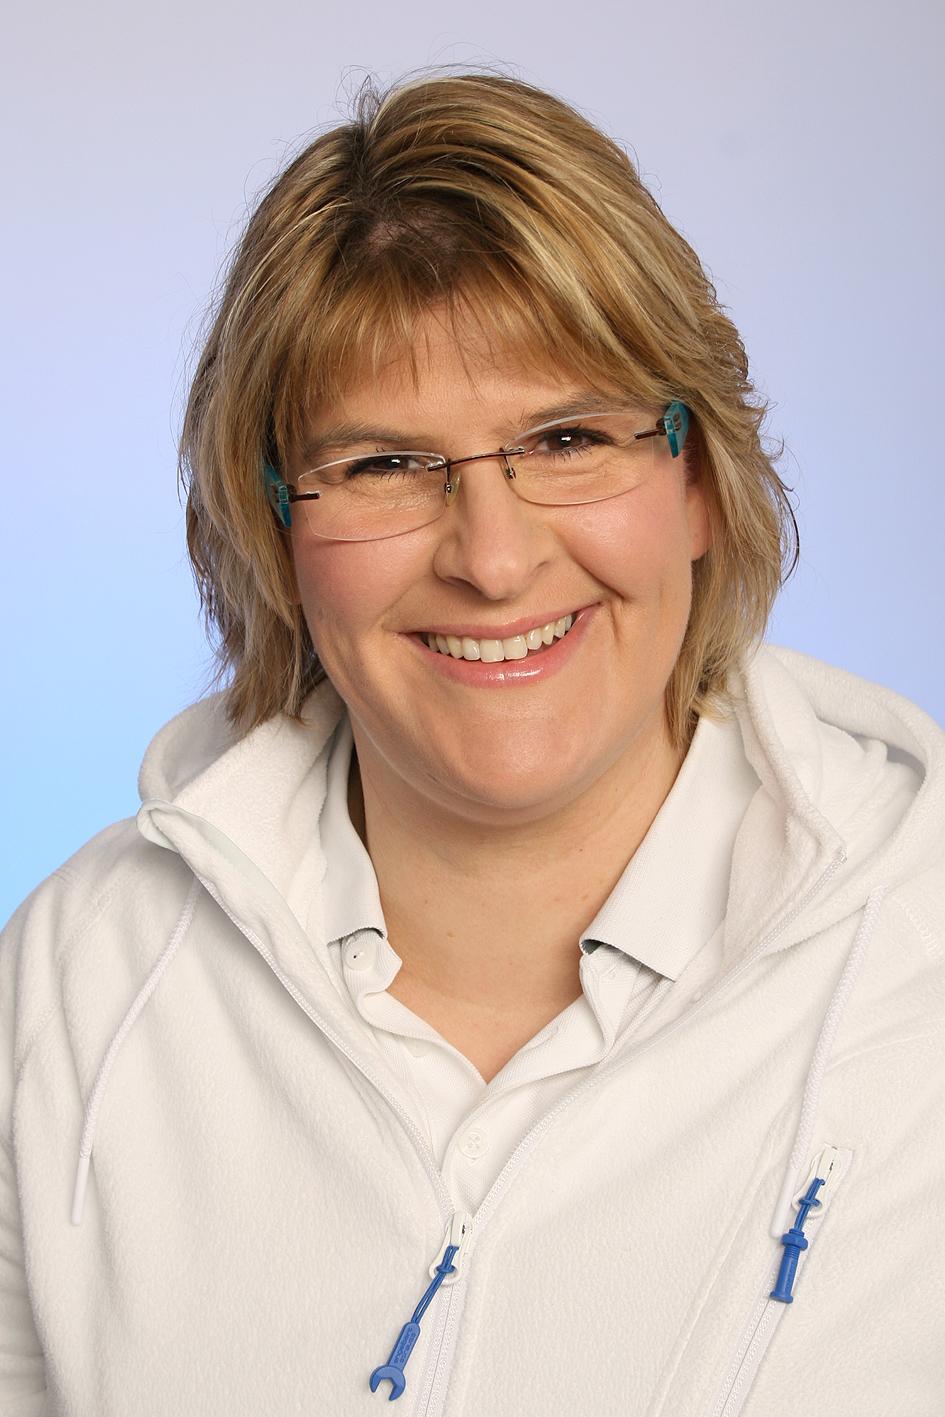 Anja Daus